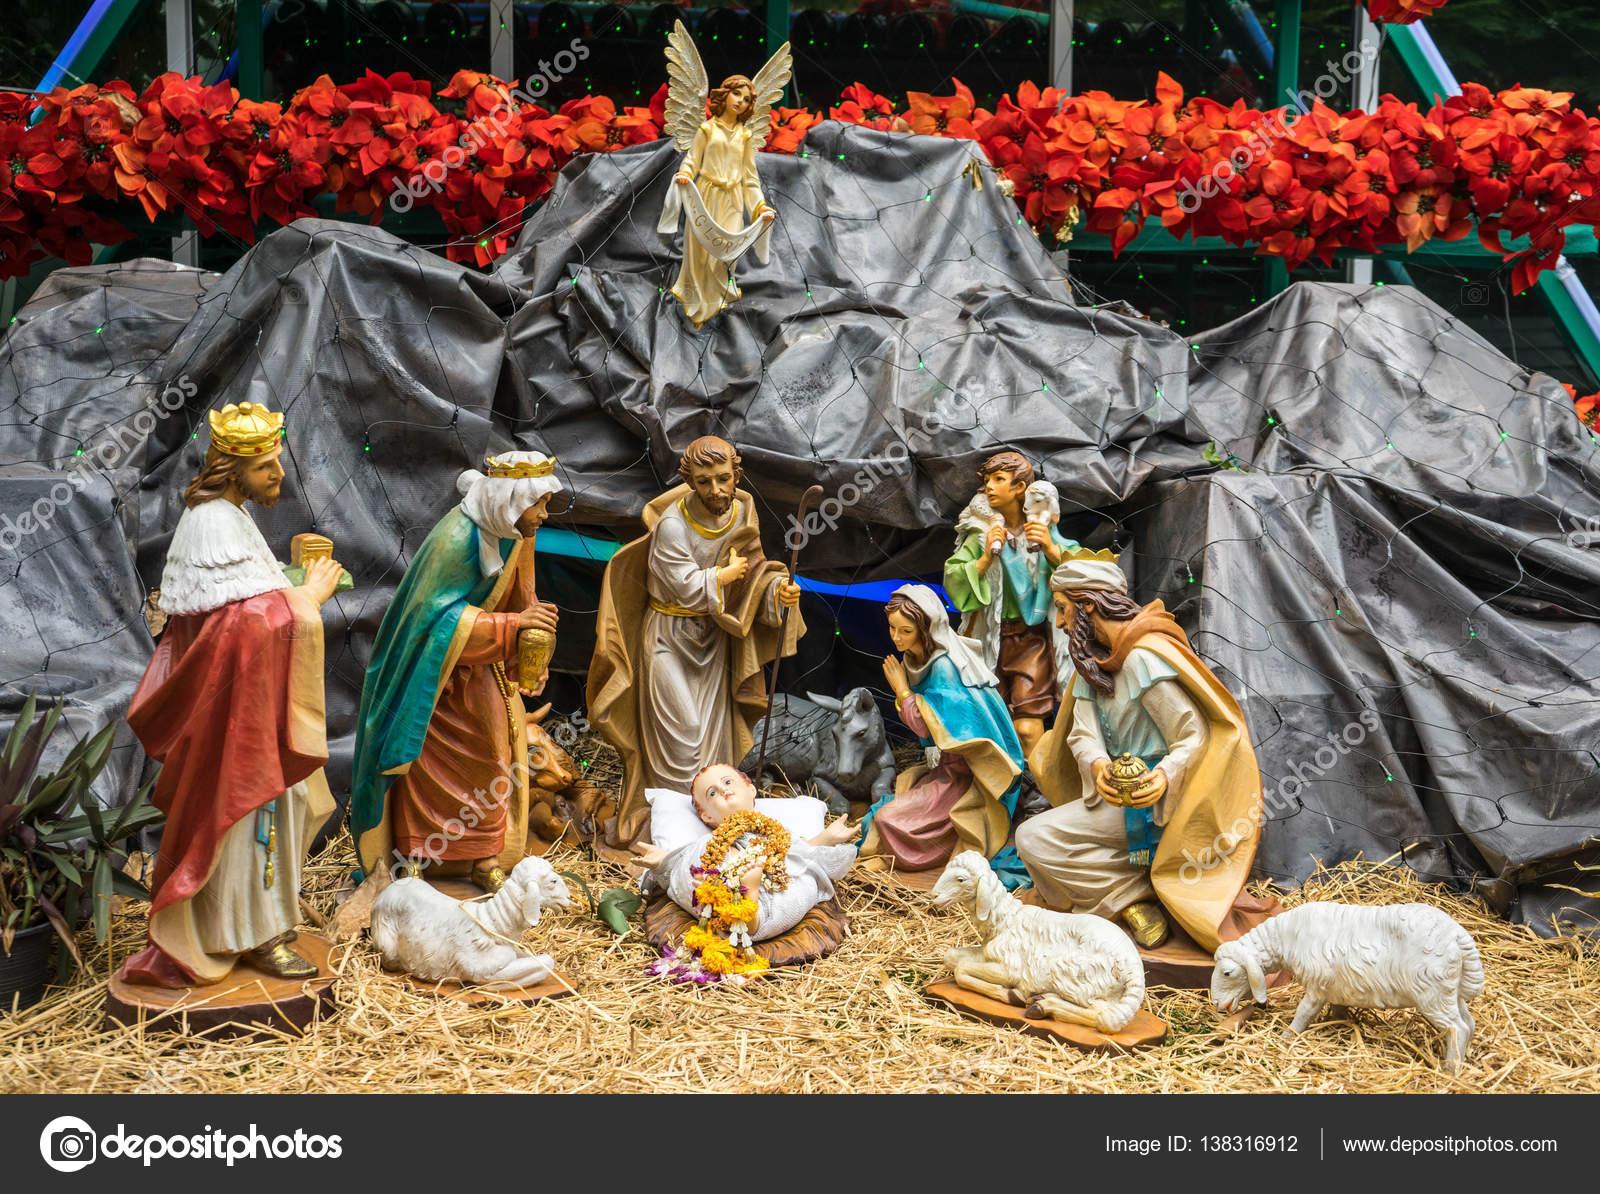 Weihnachten Krippe Bilder.Weihnachten Krippe Stockfoto Tumcruise 138316912